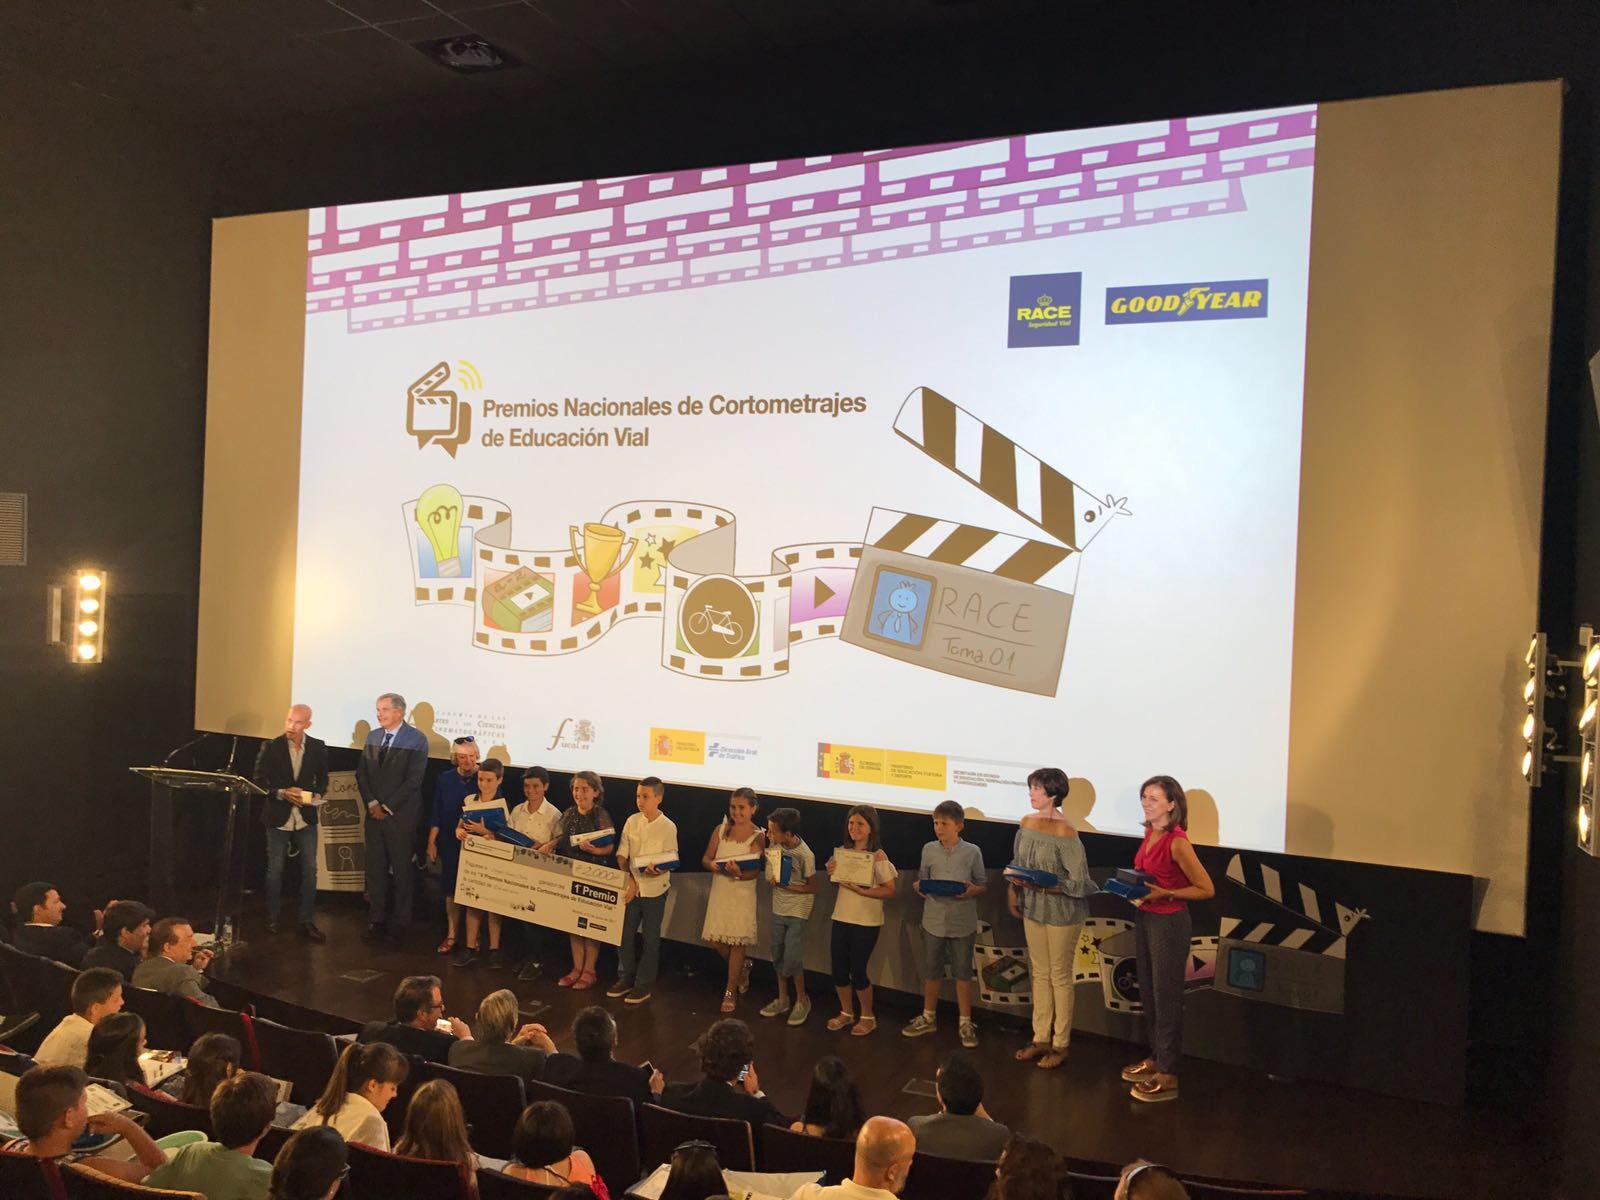 1er premio: Premios de Cortometrajes de educación vial